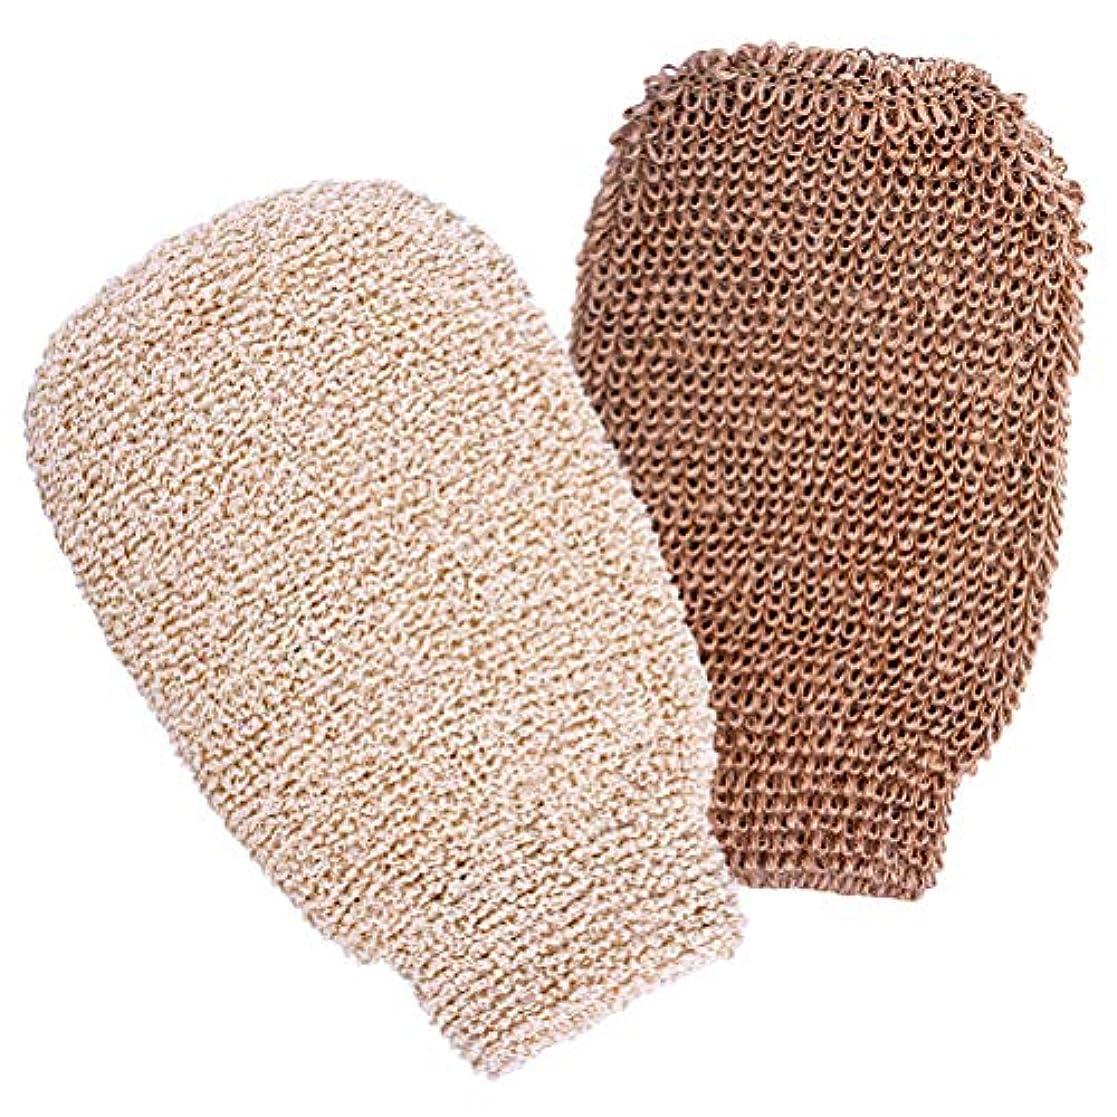 ナインへギャングスターコウモリFBYED 2個 シャワージェル手袋スキンケア手袋 天然亜麻繊維 天然竹繊維製 入浴用手袋 安全性 快適な 抗菌性 通気性 防腐剤 汗を吸収 角質除去と のスキンケア手袋